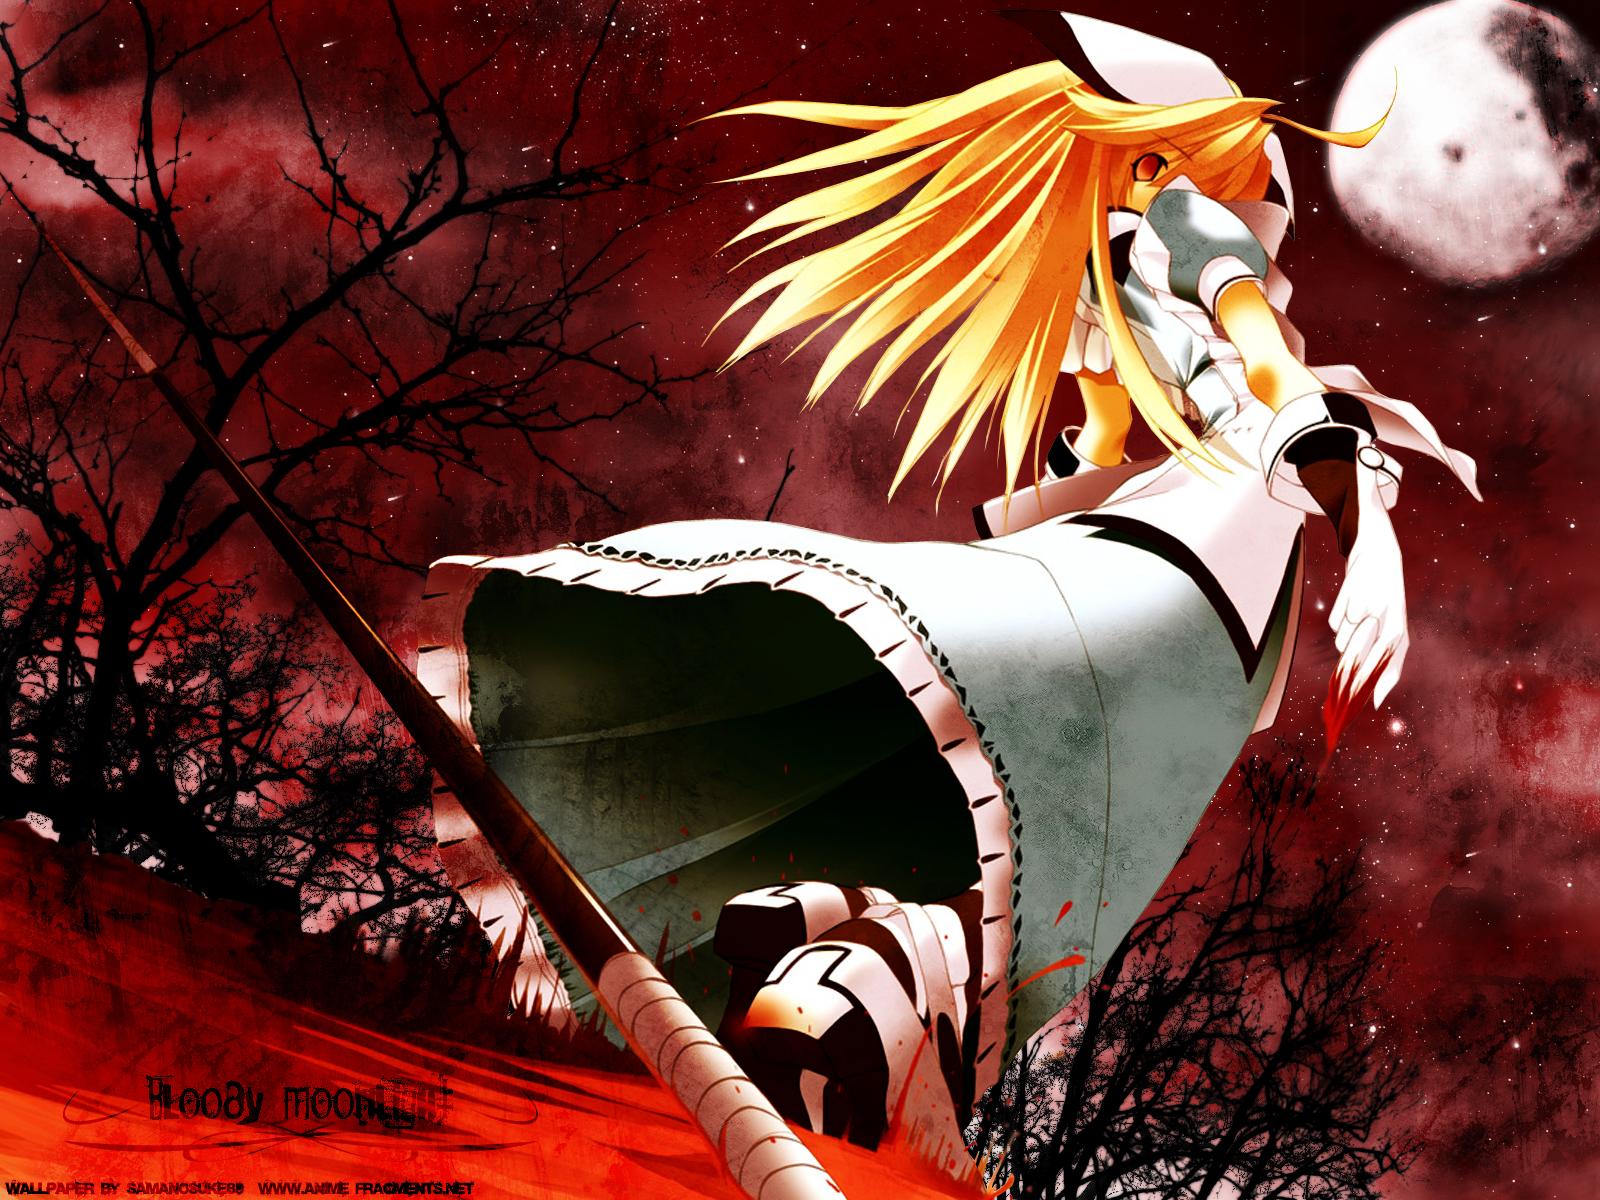 Кровавый лунный свет, аниме, красное, лучшее, рисованное 1600х1200.